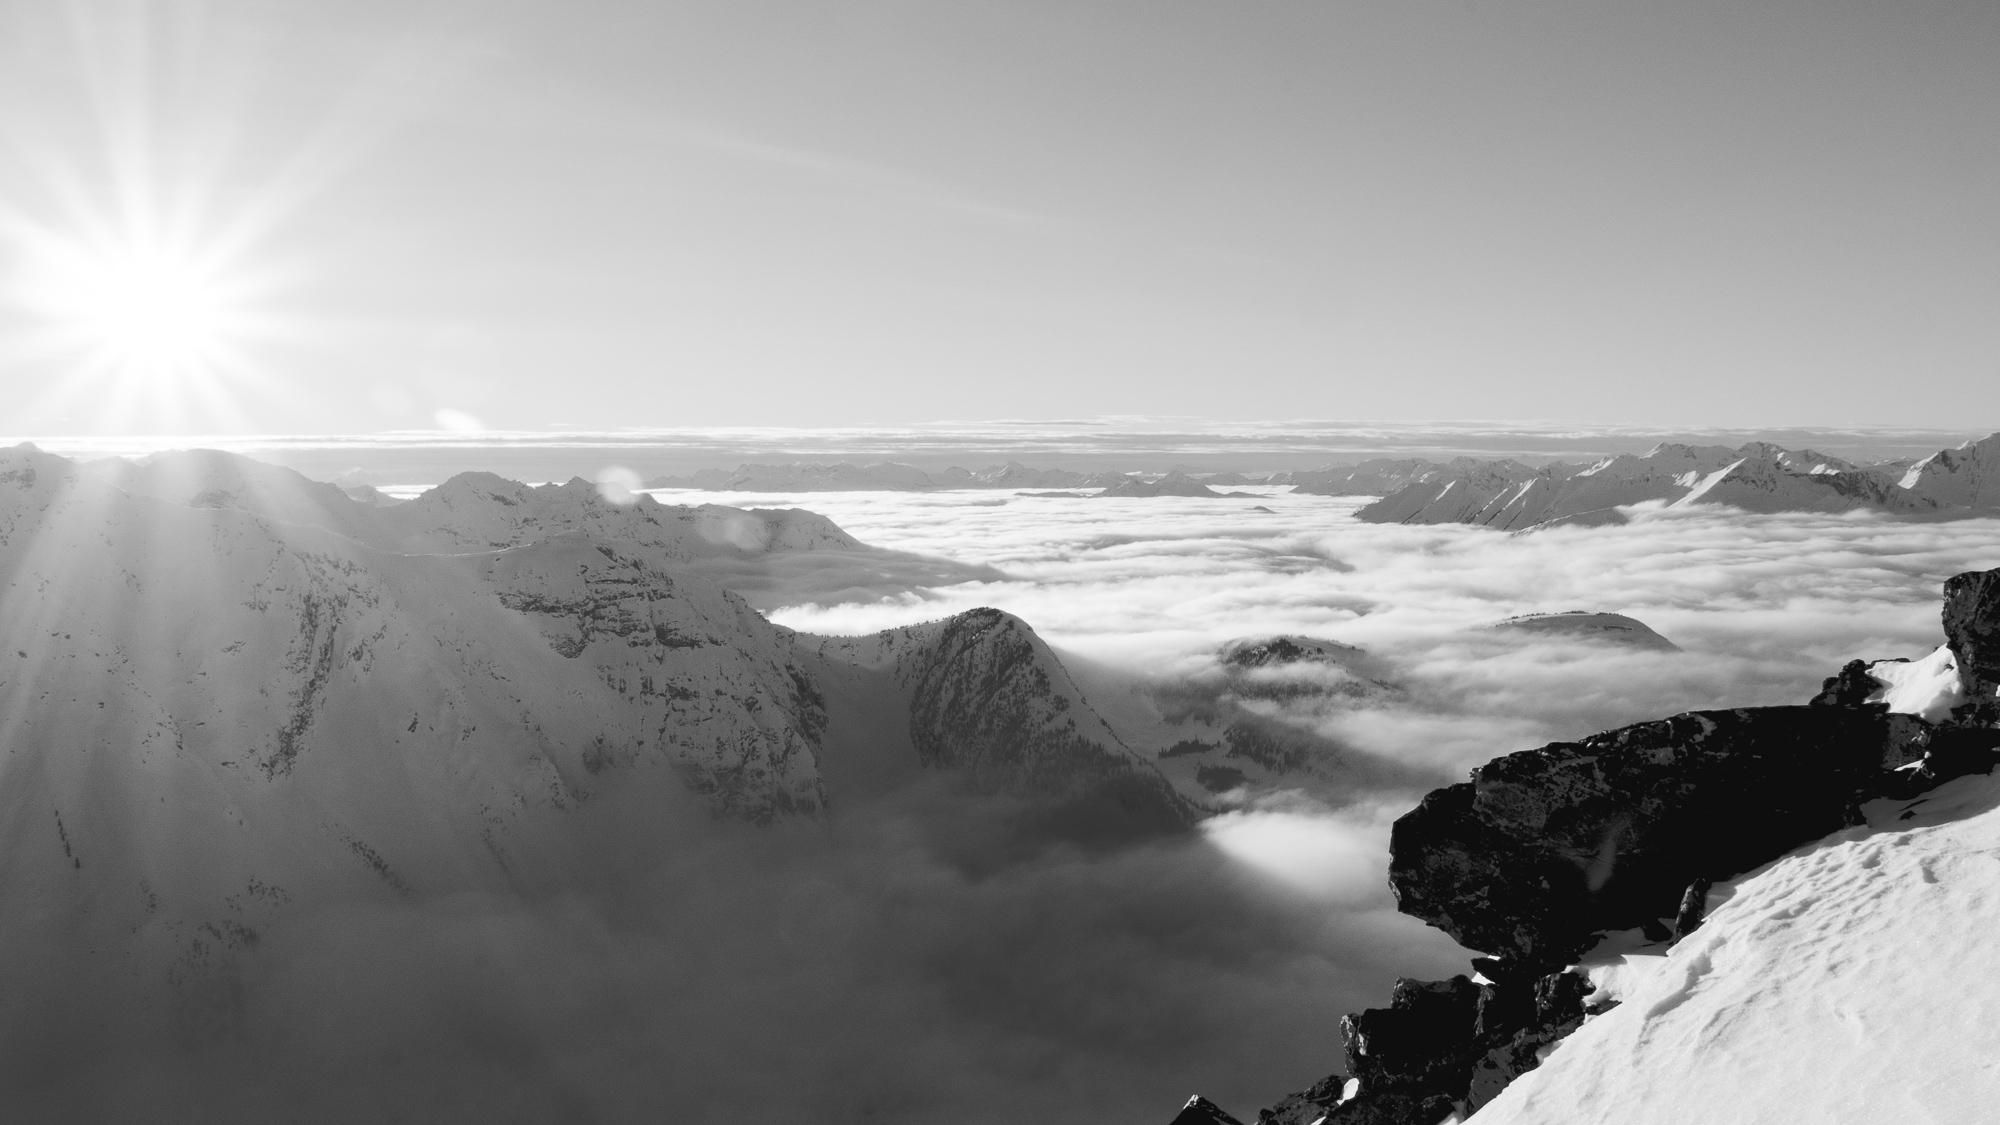 Monochrome cloudscape